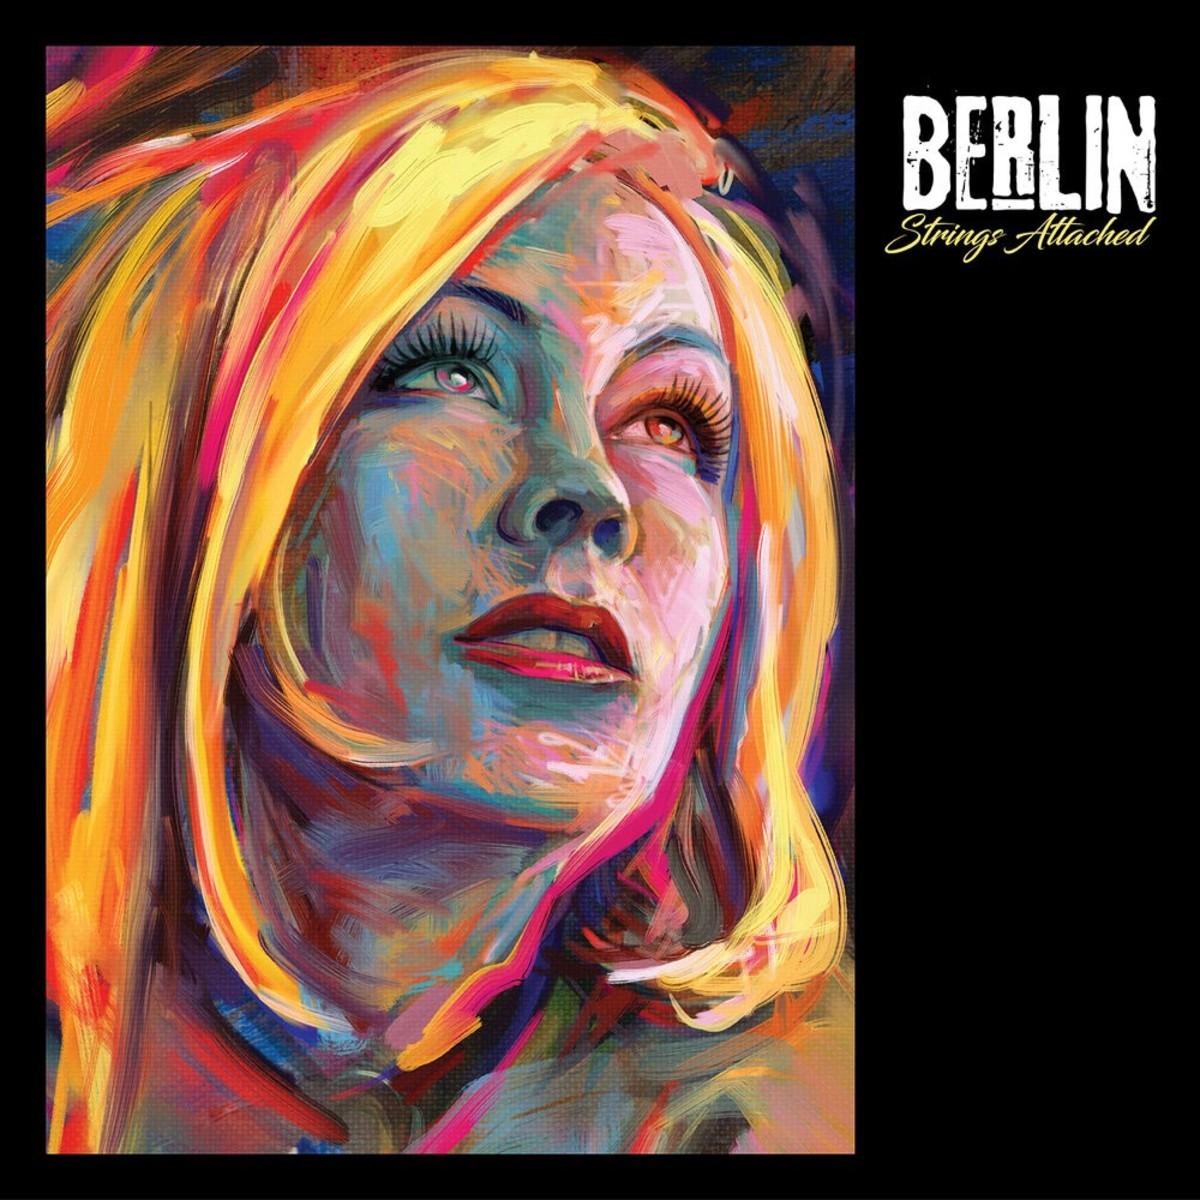 Berlin strings